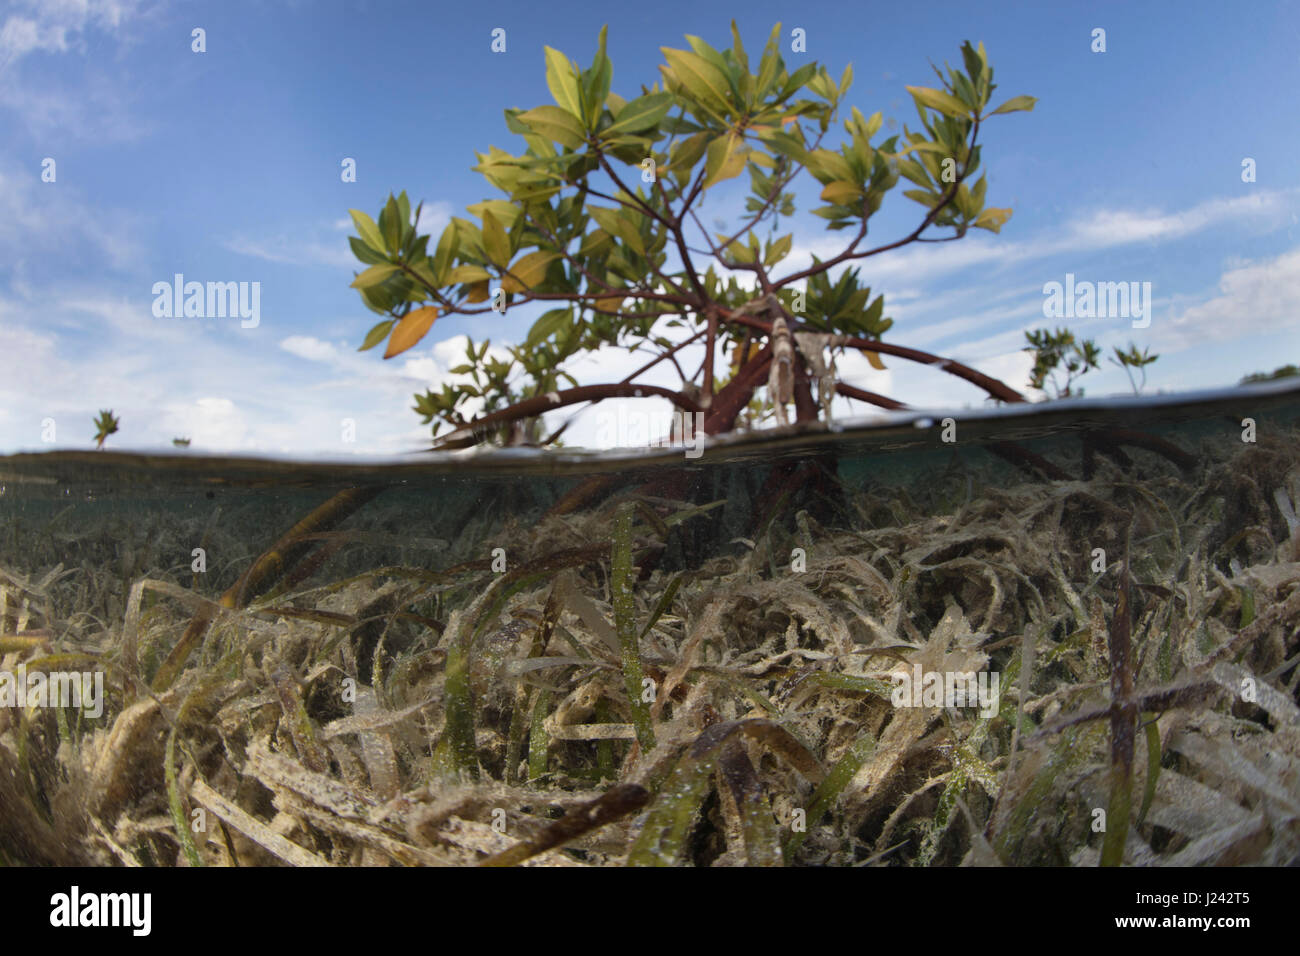 Über/unter der roten Mangroven-Baum. Stockbild